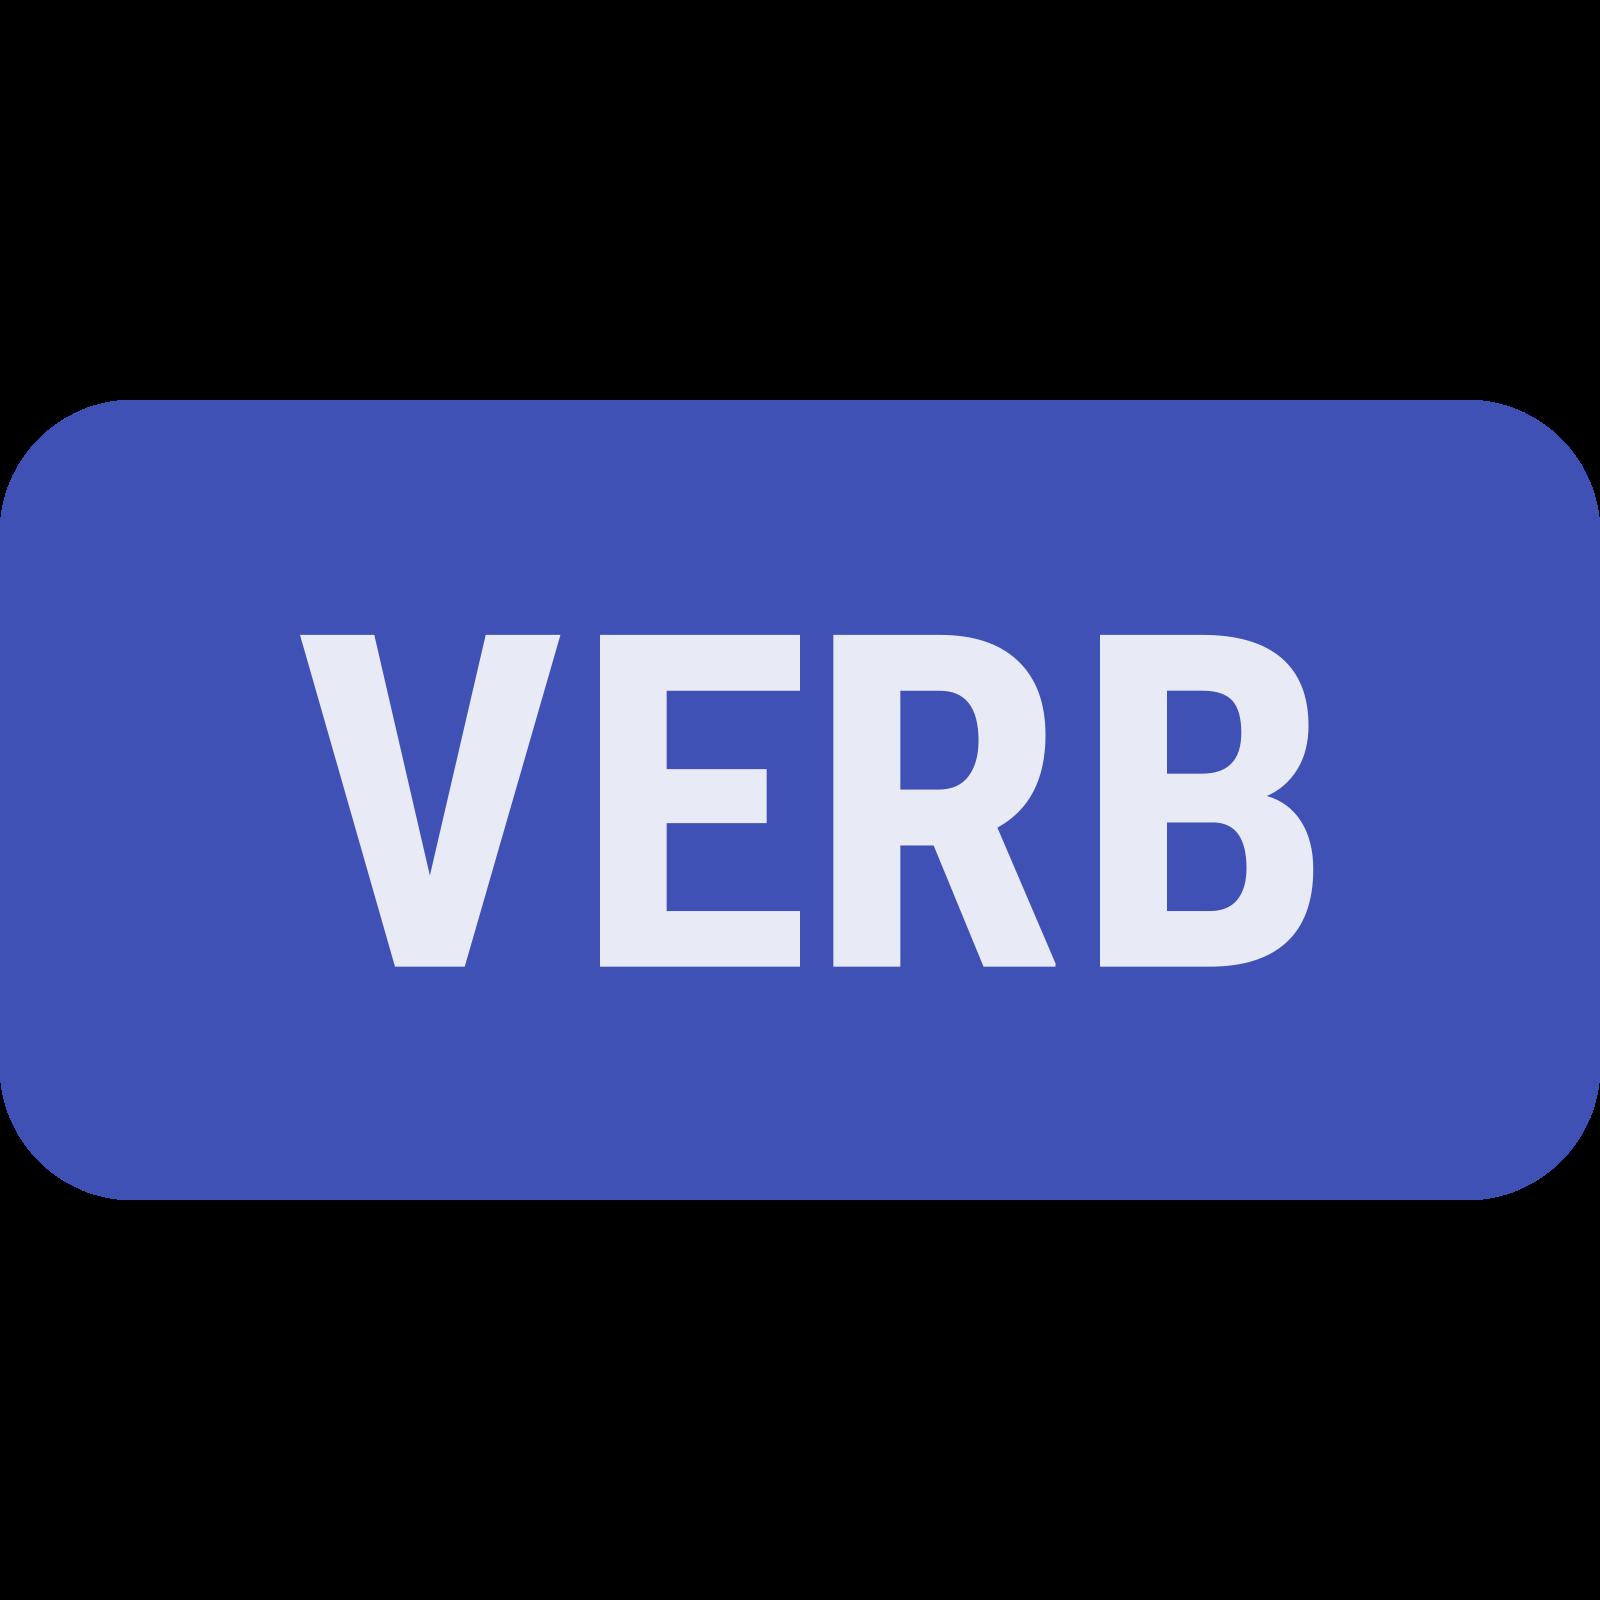 动词 icon. It's a rectangle that is longer than it is wide. Inside the rectangle is the word verb, written in a capital letters. There is nothing else in or around the rectangle.